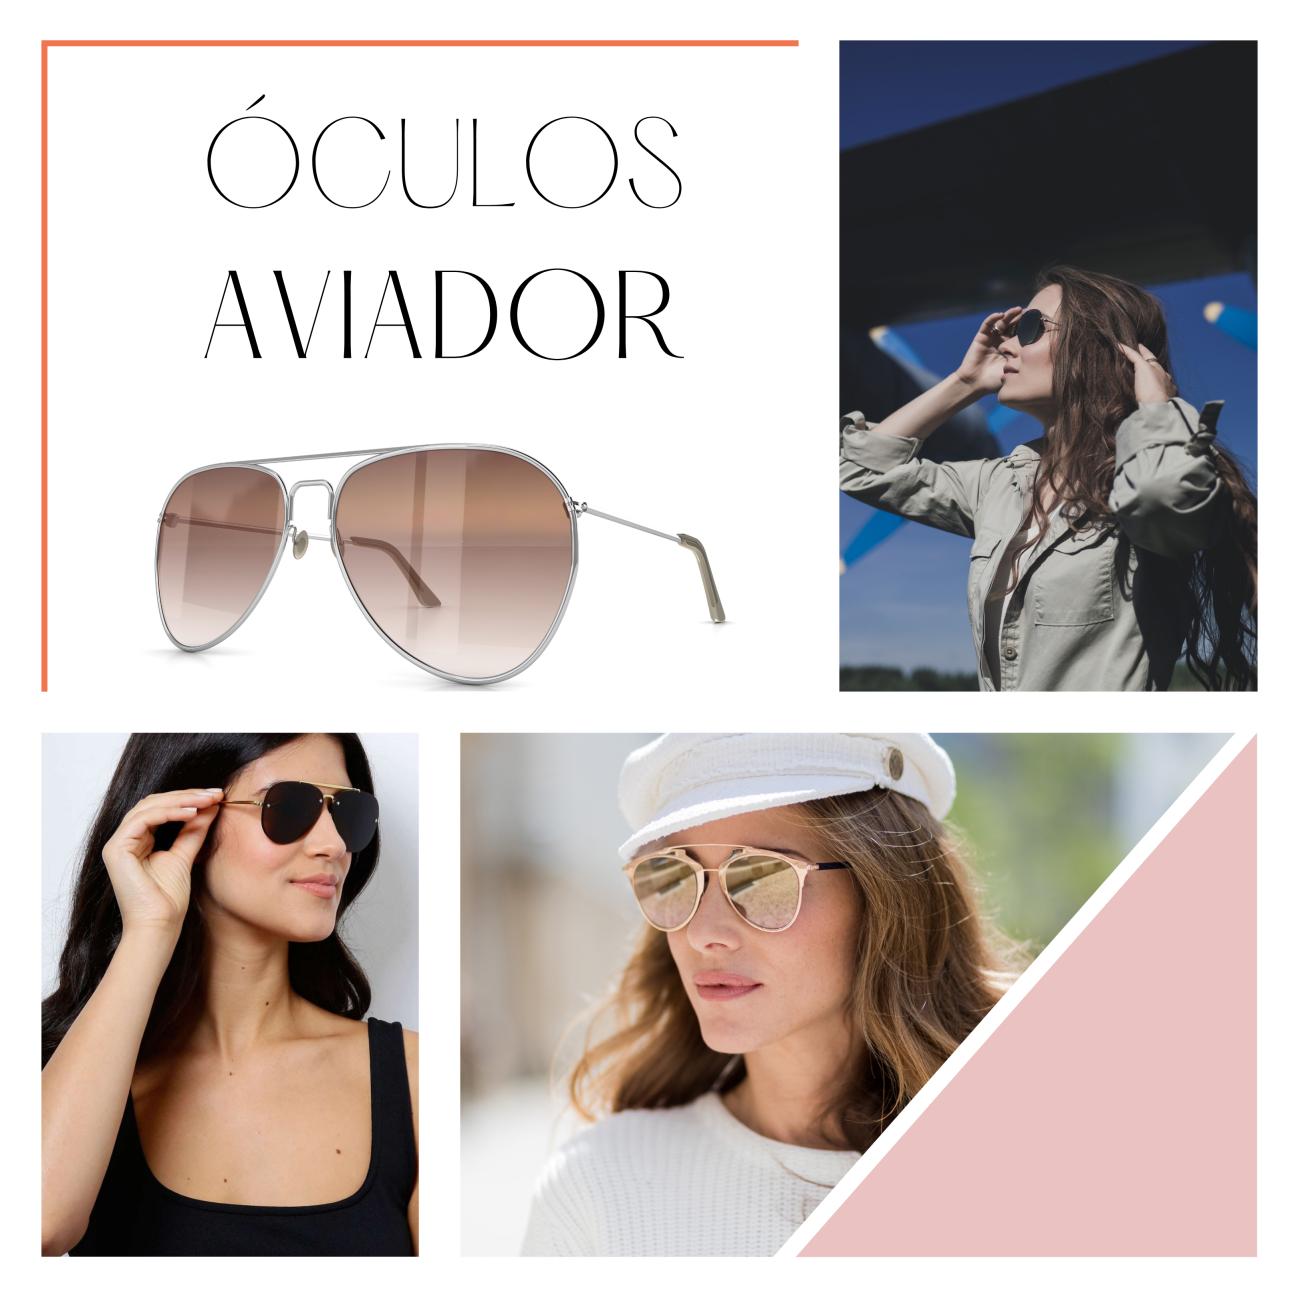 Óculos de sol: conheça os modelos que estão em alta